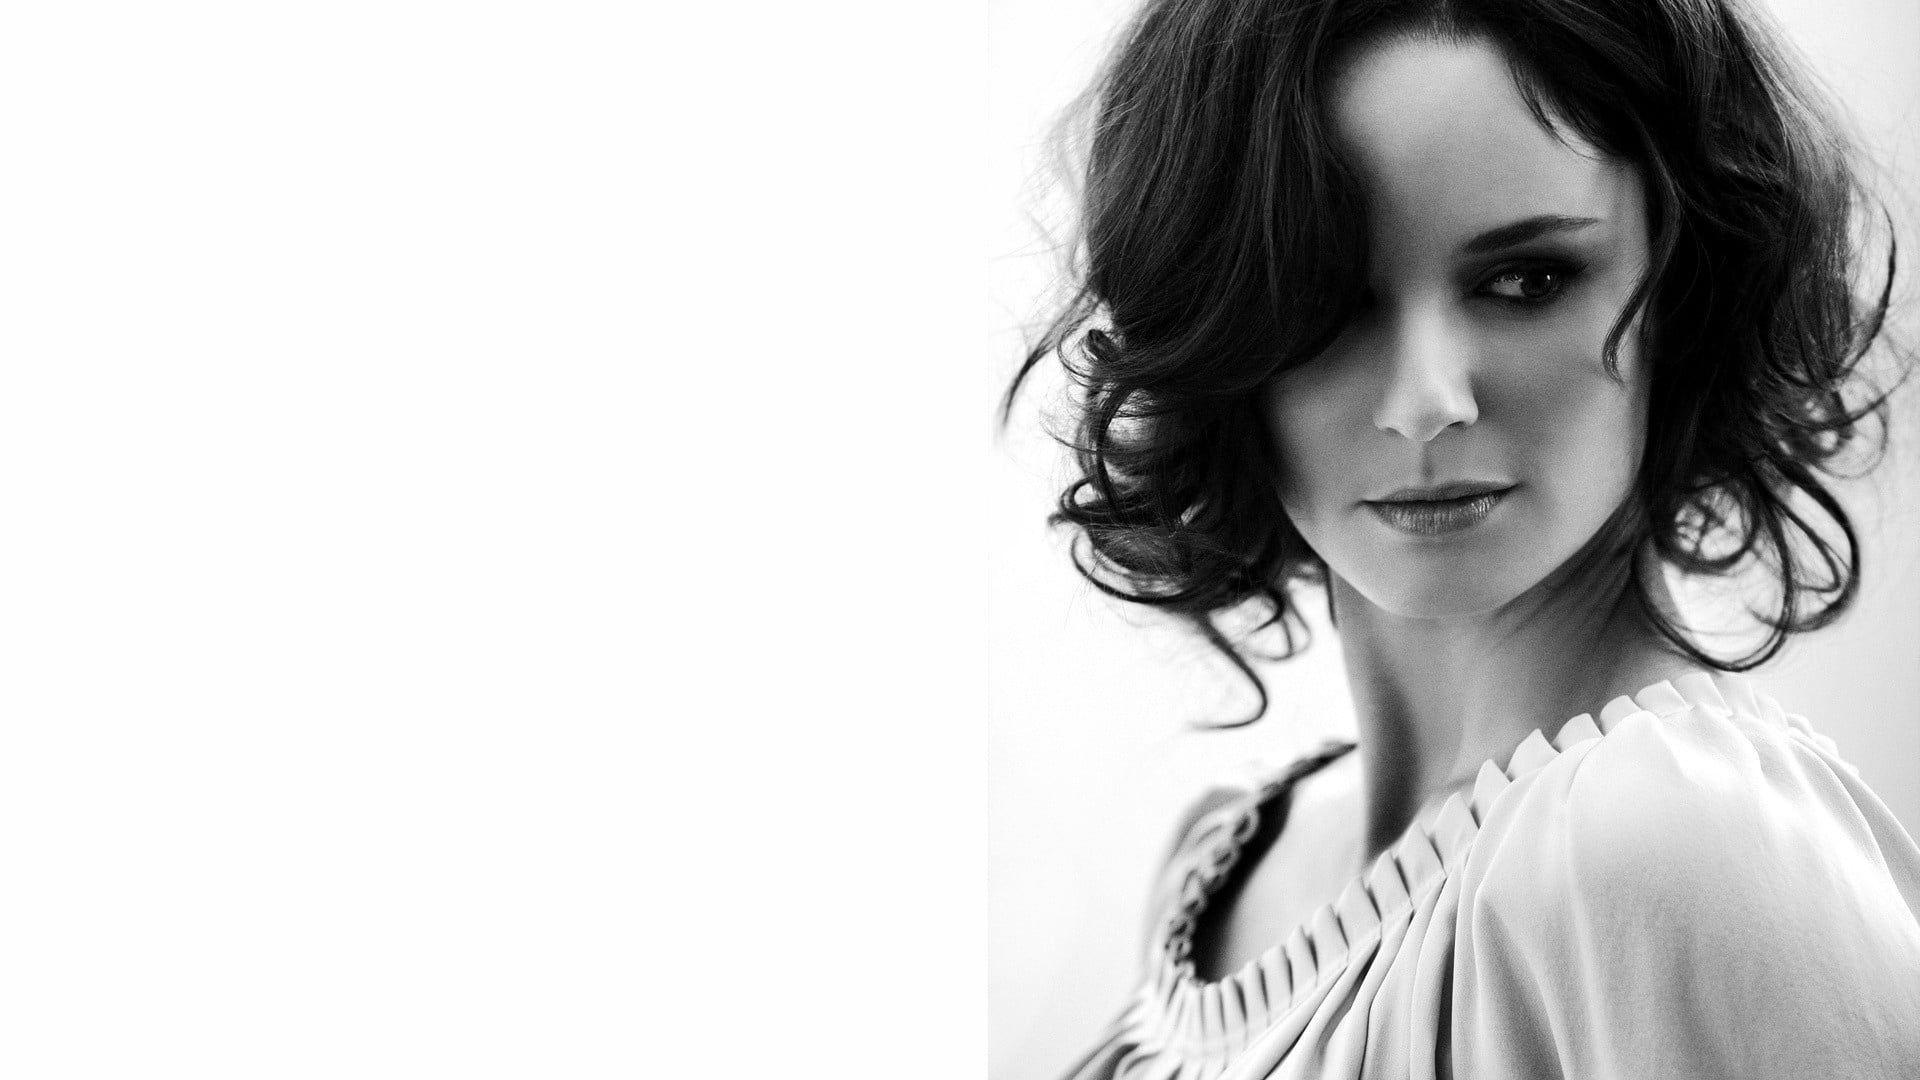 Pictures Of Sarah Wayne Callies